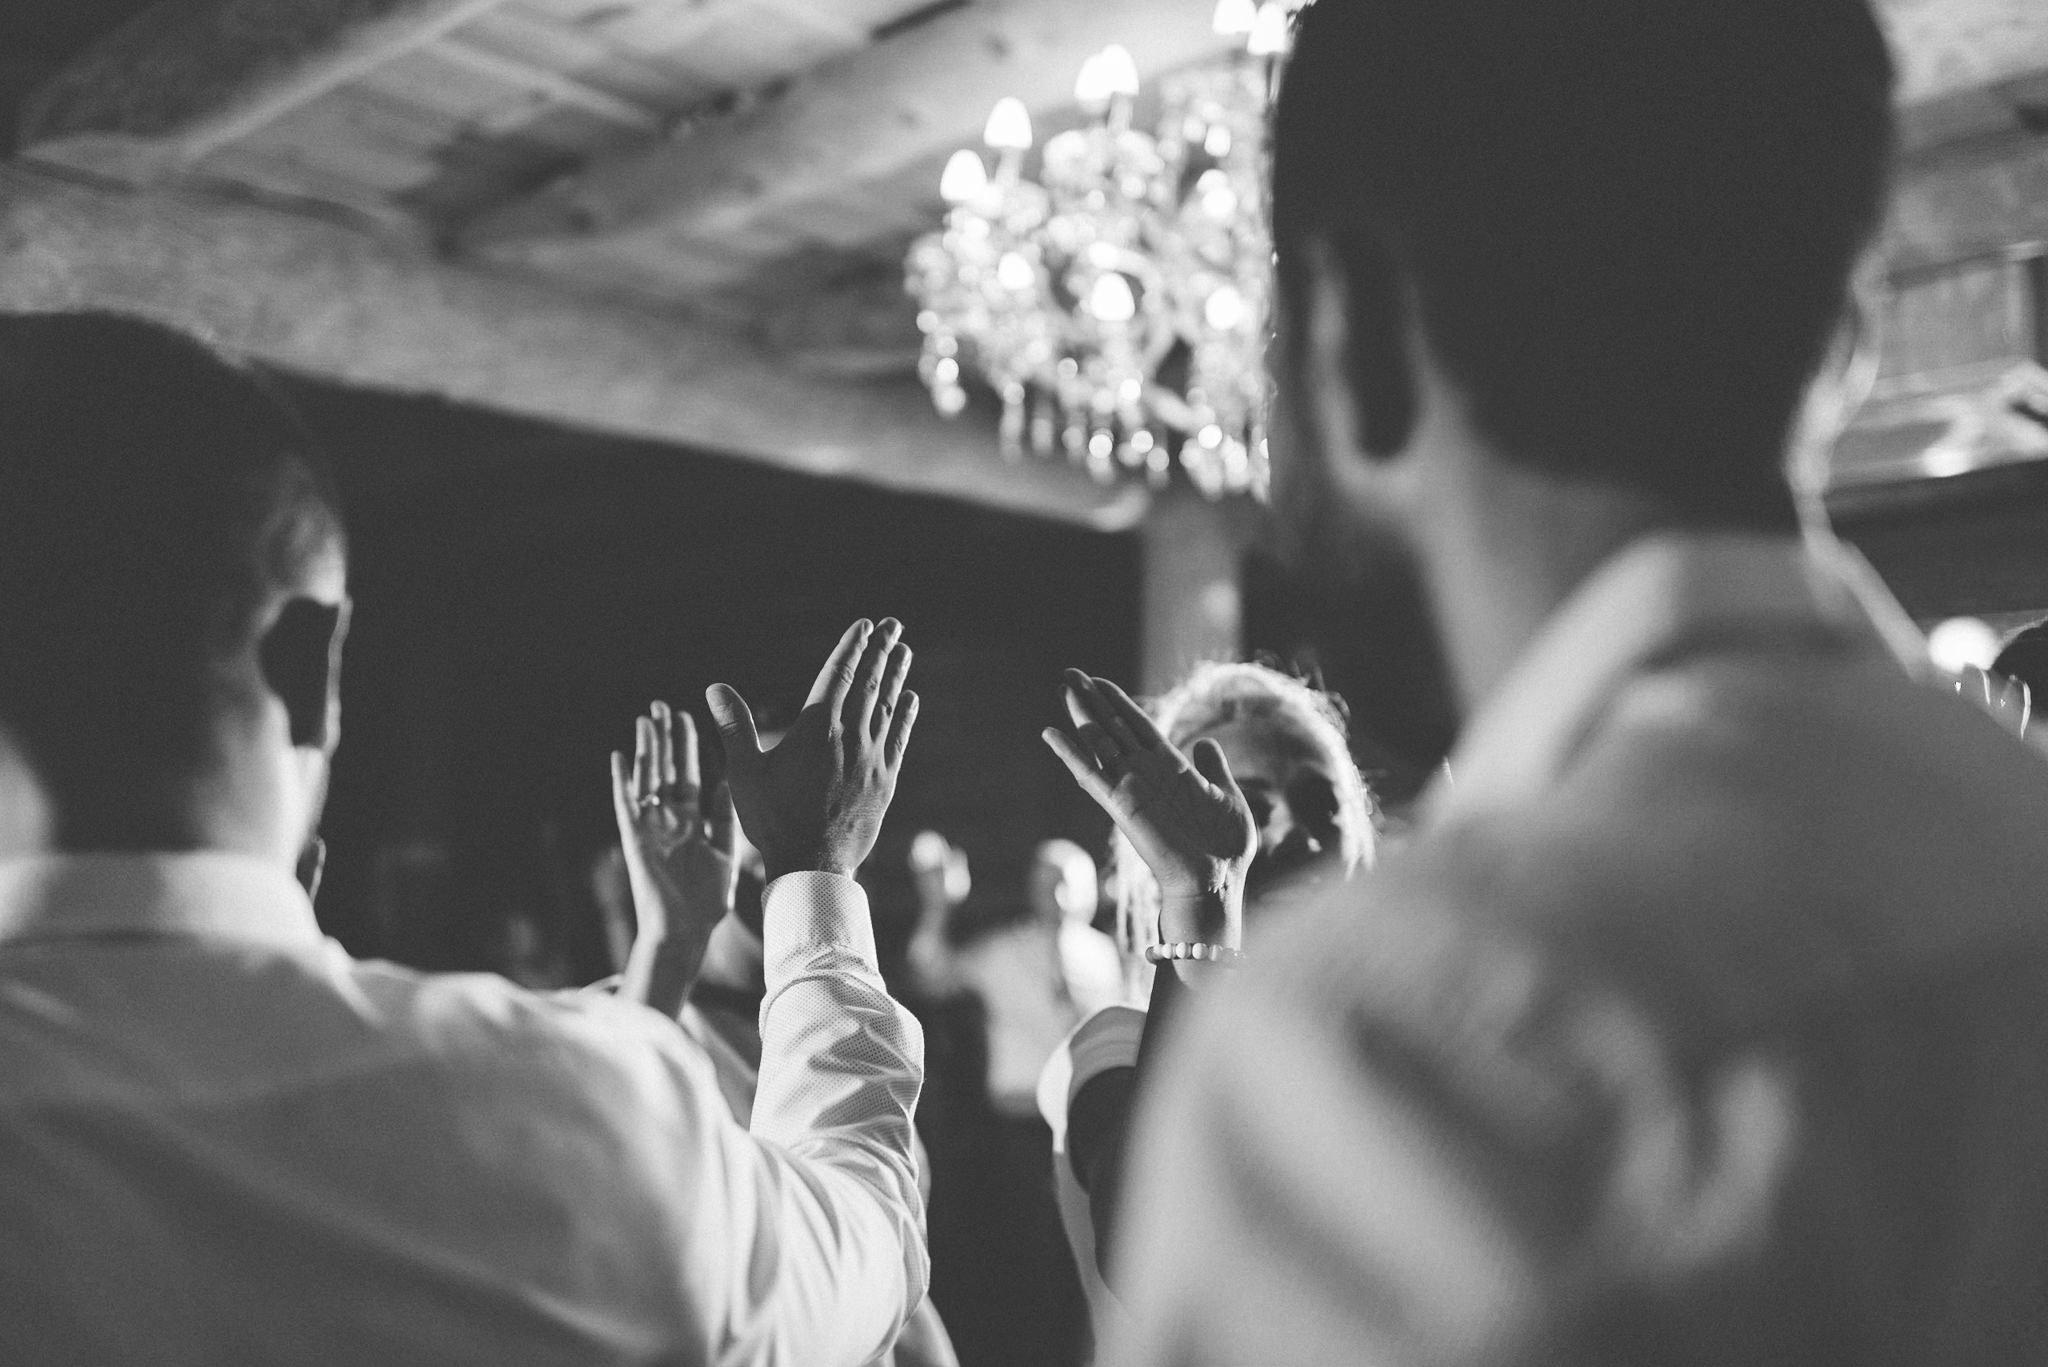 Ala i Arek, czyli jak zorganizować ślub i wesele w 4 tygodnie! 232